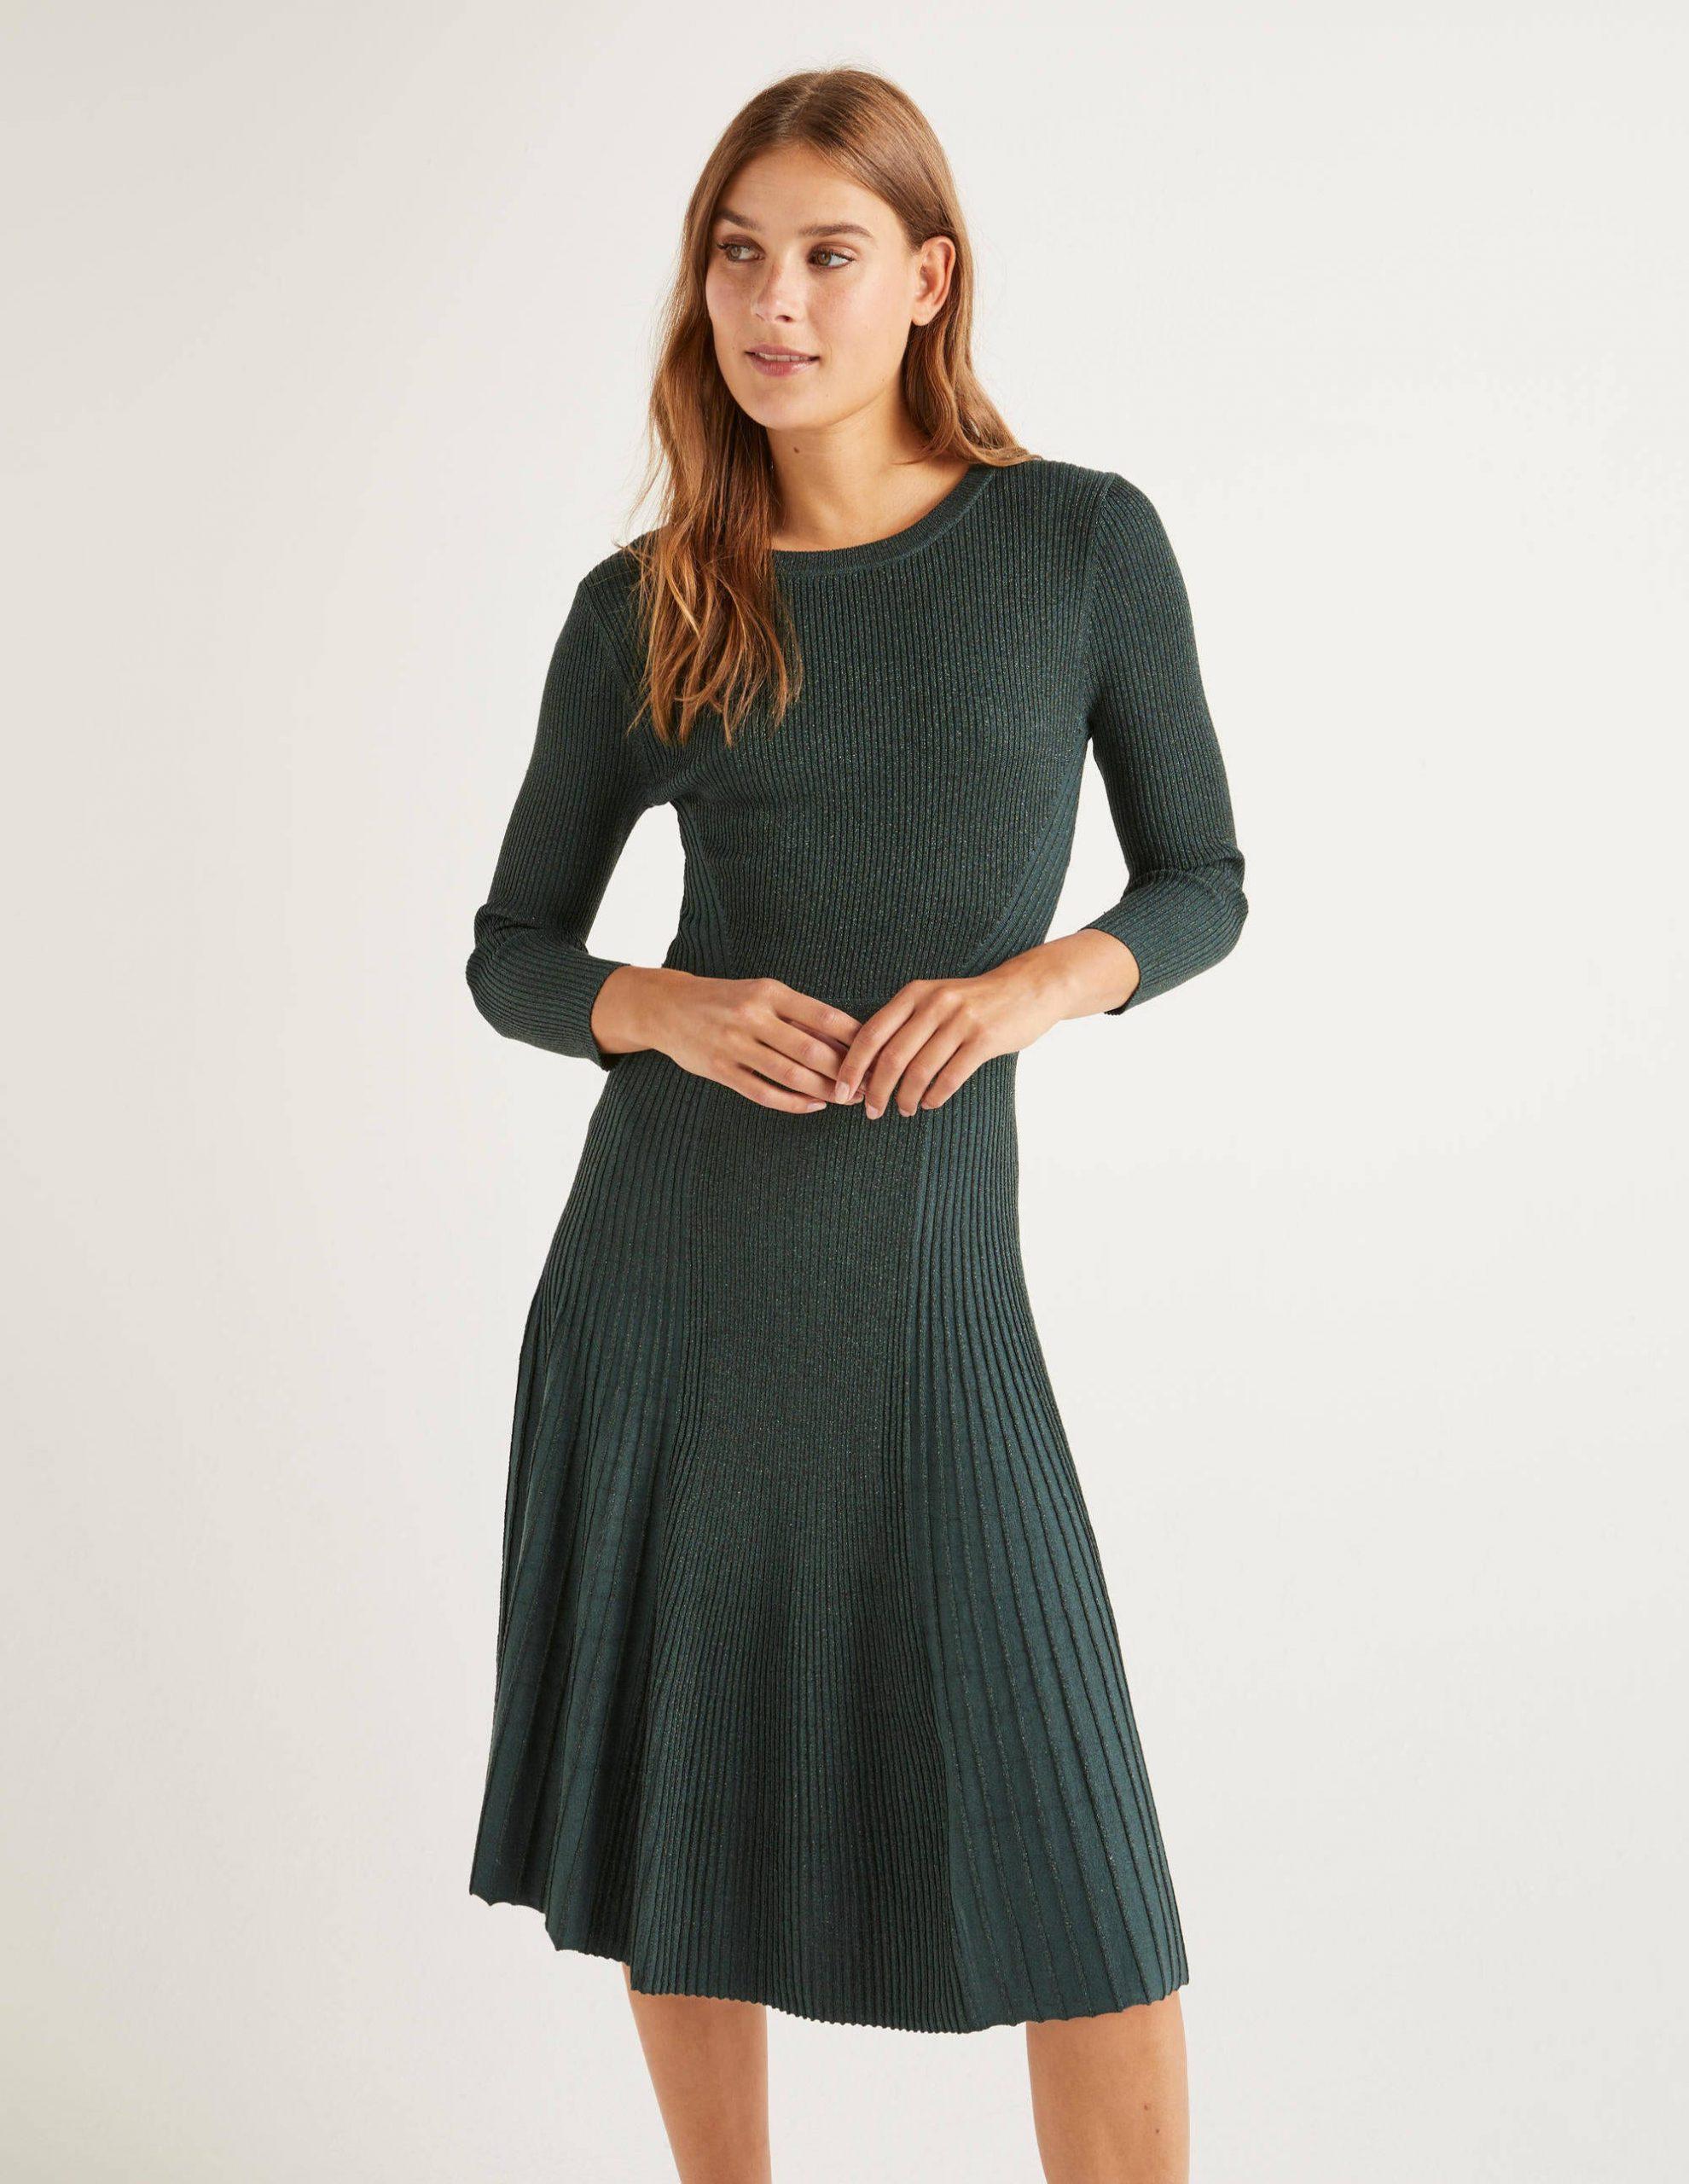 Diona Kleid Mit Glitzer  Mitternachtsgrün Glitzer  Boden De